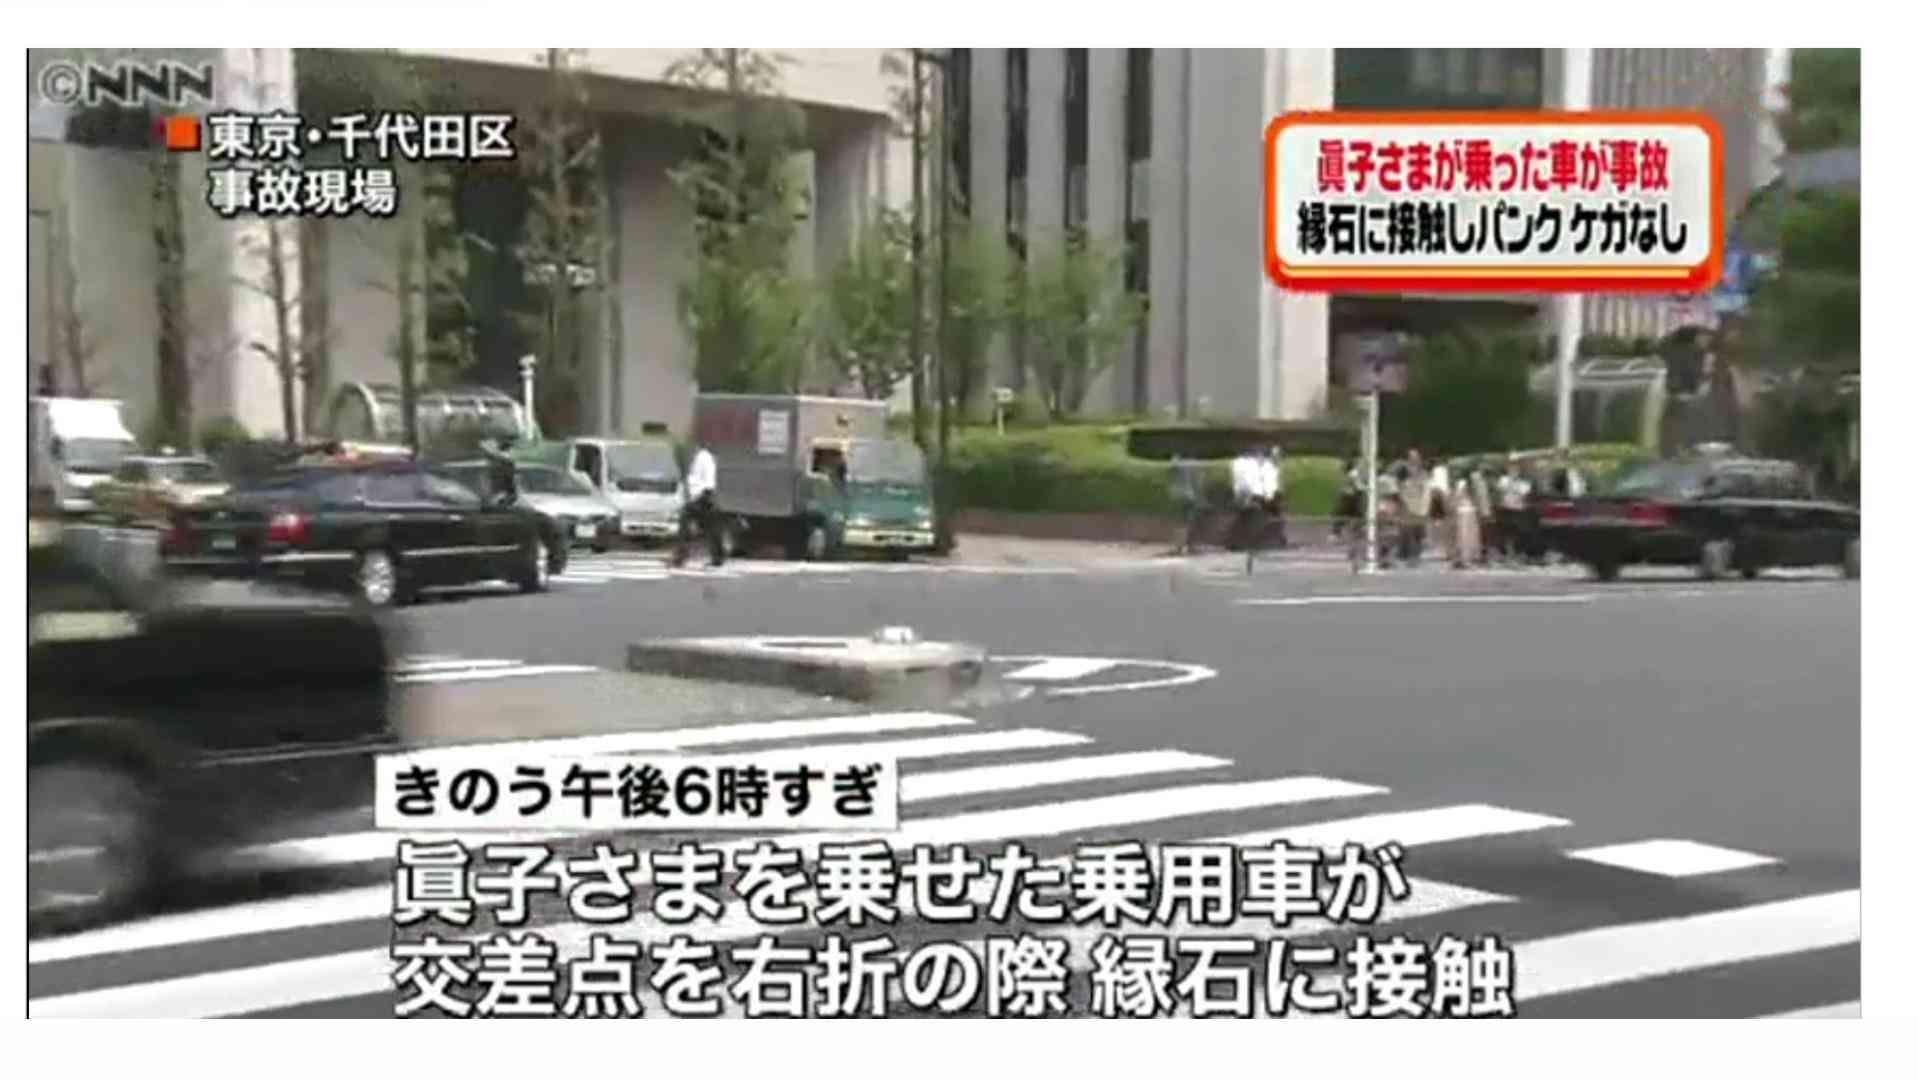 眞子さまが乗られた乗用車、都内で物損事故…けがなし